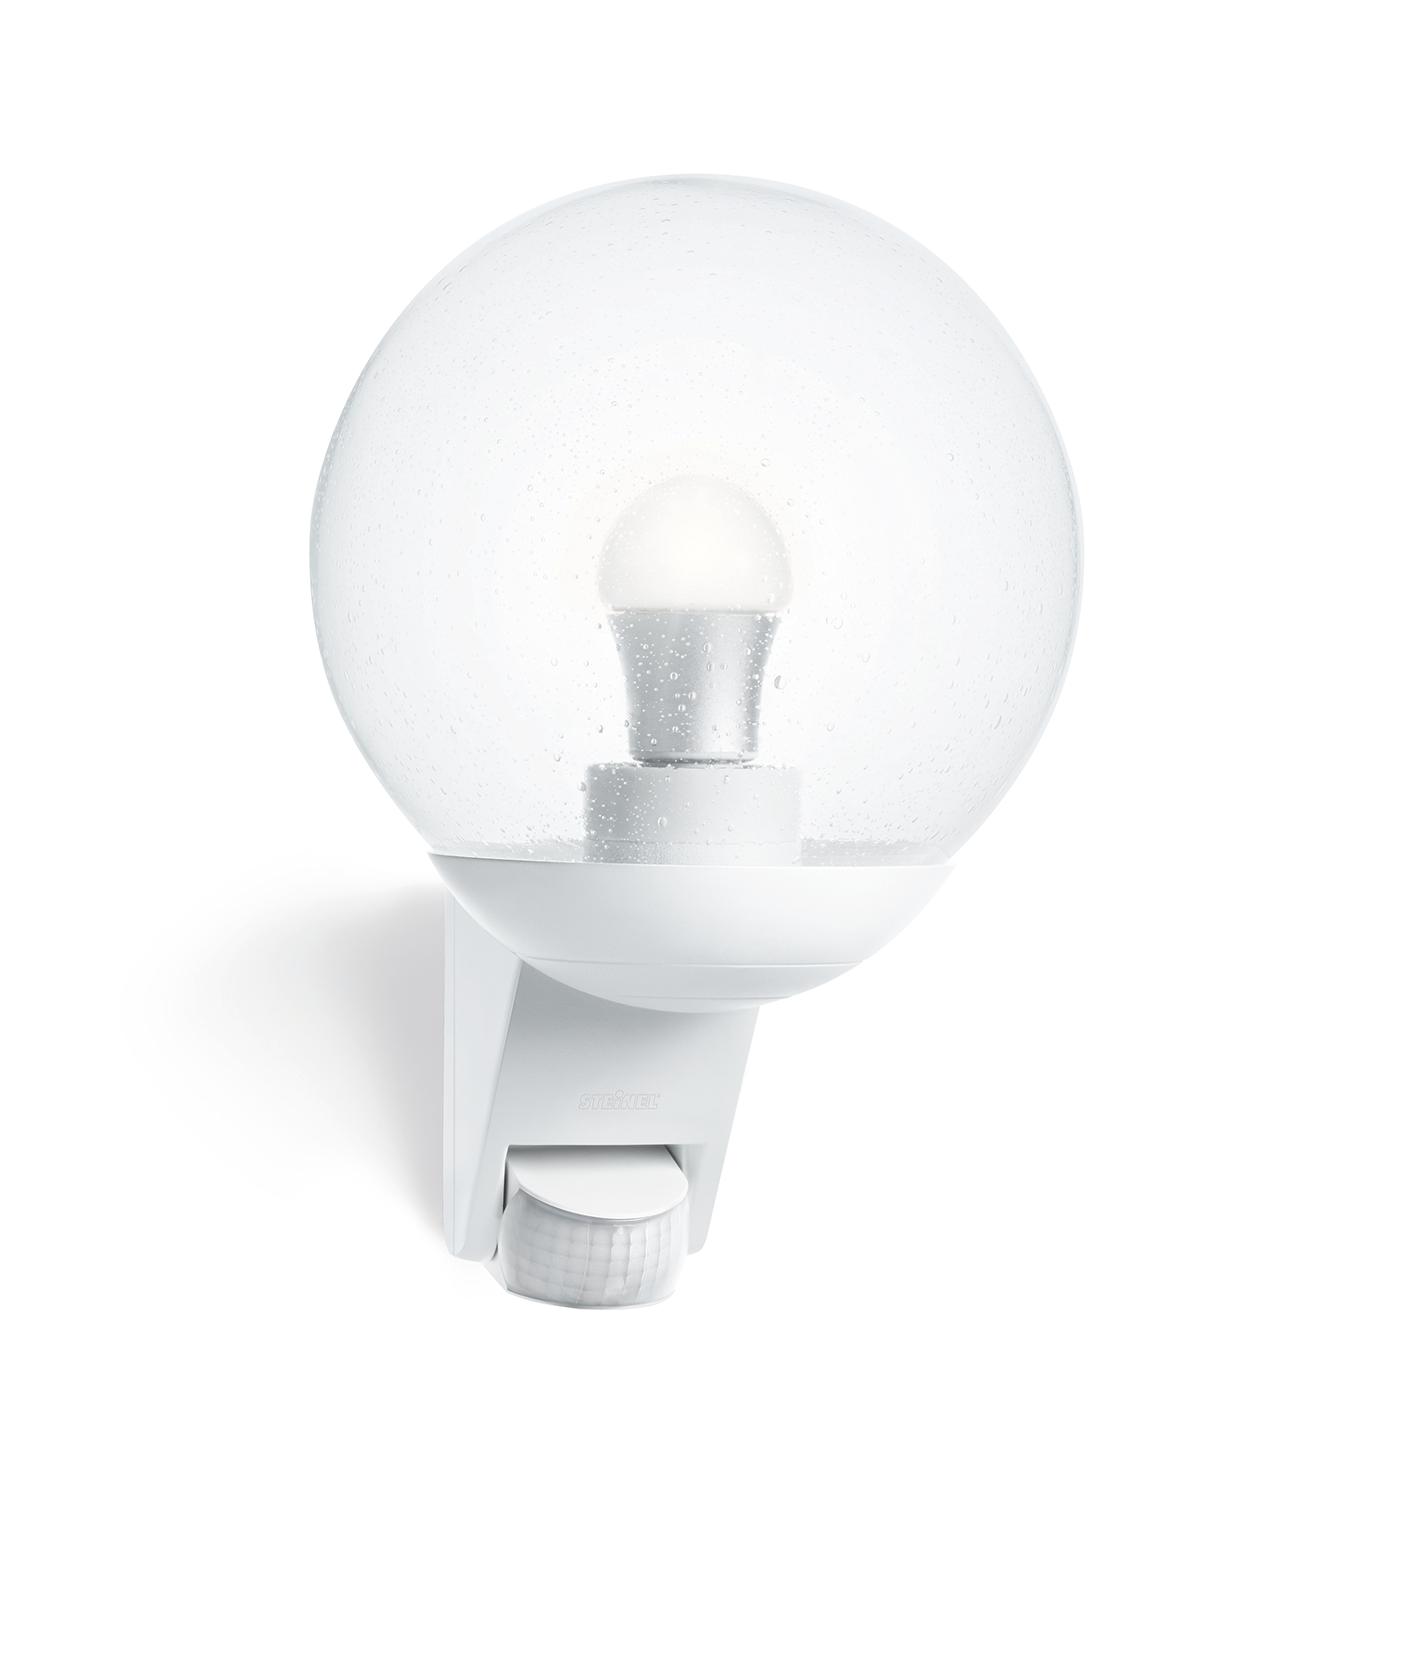 Fantastisk Sensorlampor - Lampor & belysning med rörelsedetektor utomhus QE-93